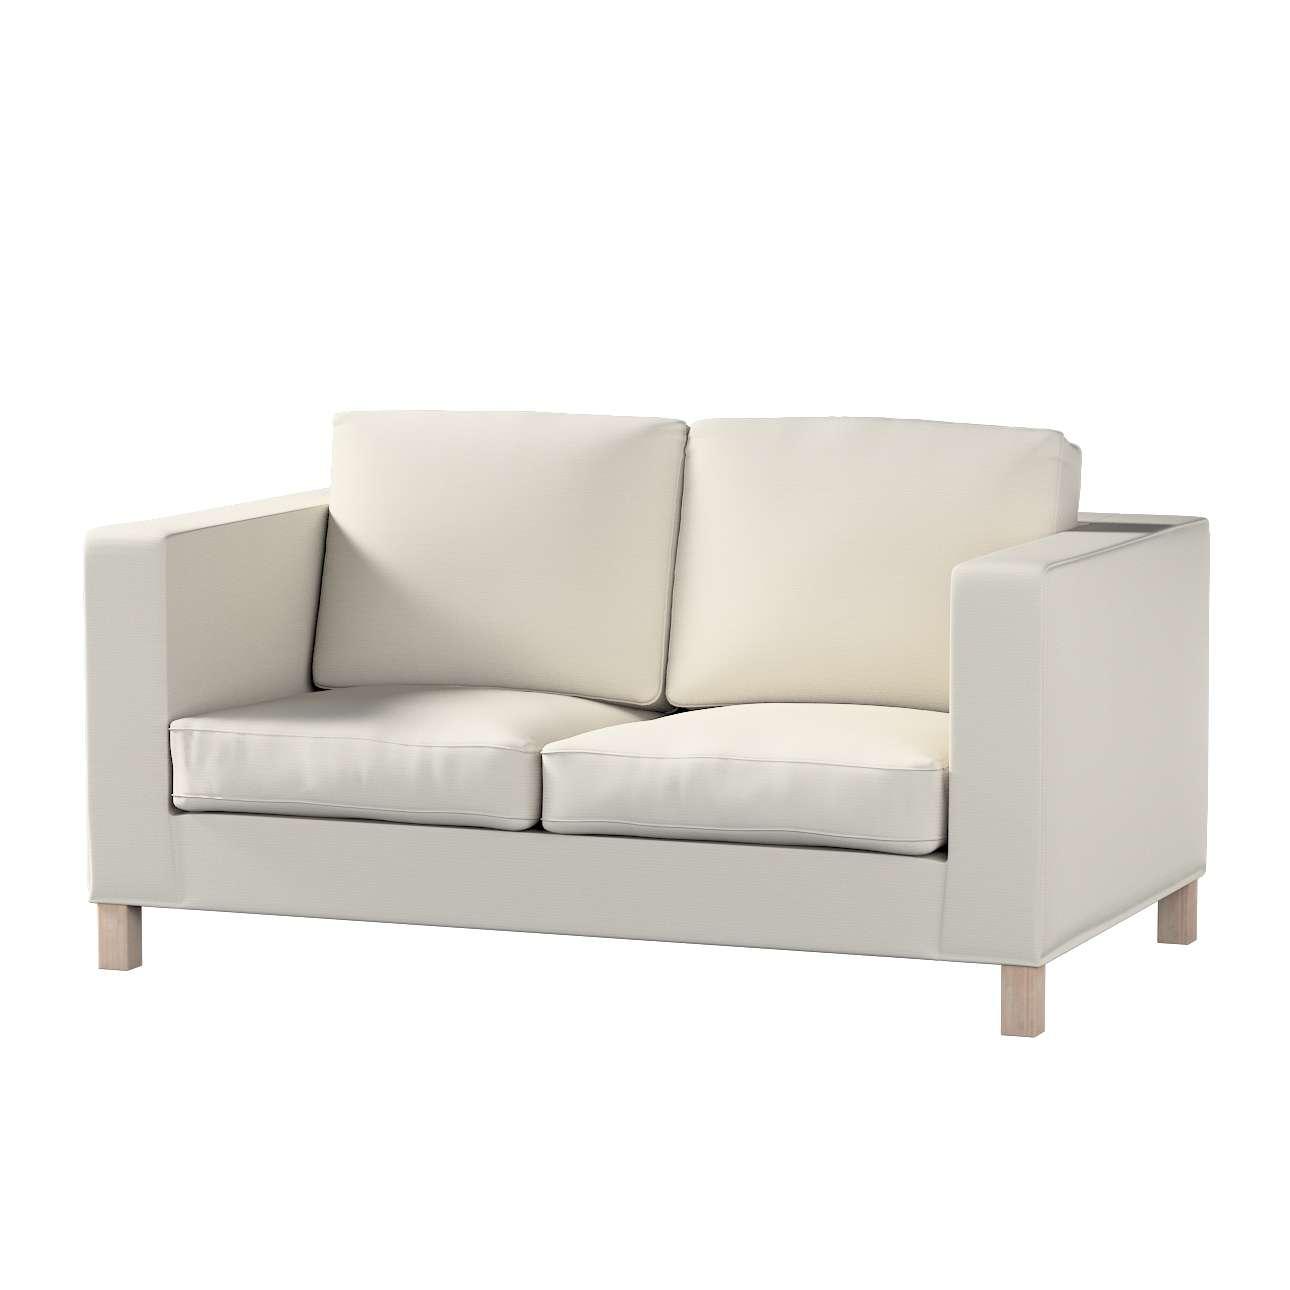 Pokrowiec na sofę Karlanda 2-osobową nierozkładaną, krótki Sofa Karlanda 2-os w kolekcji Cotton Panama, tkanina: 702-31